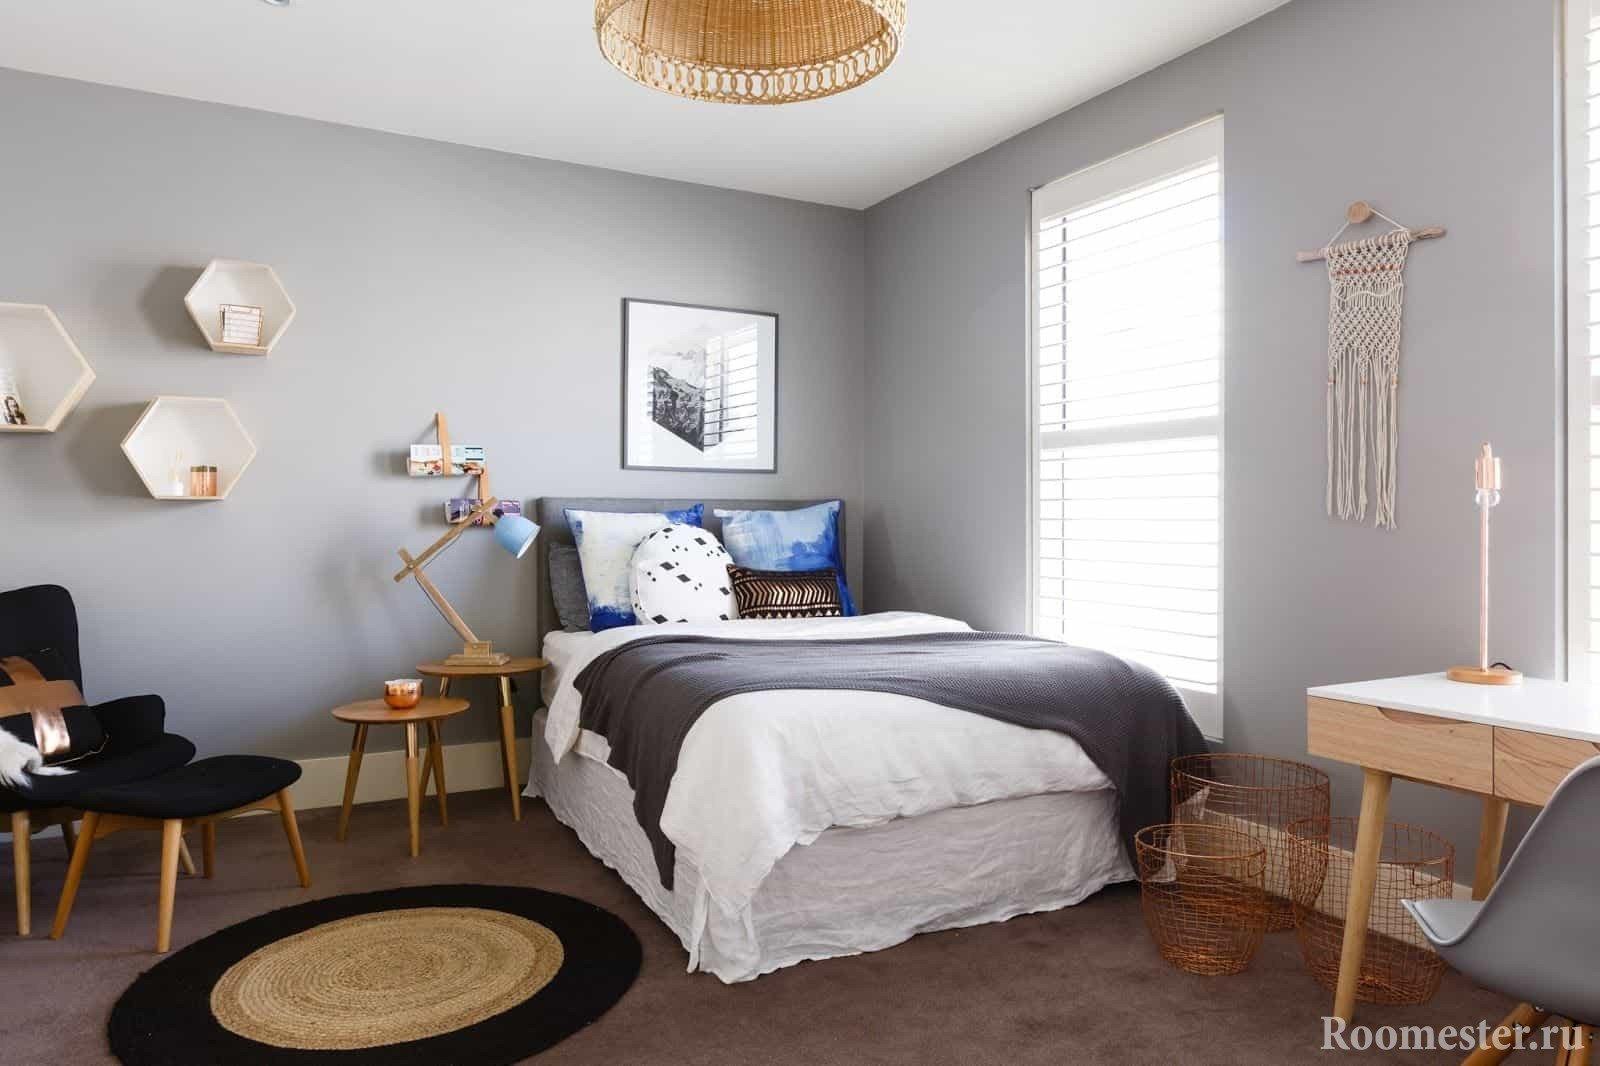 Свтелая комната с кроватью